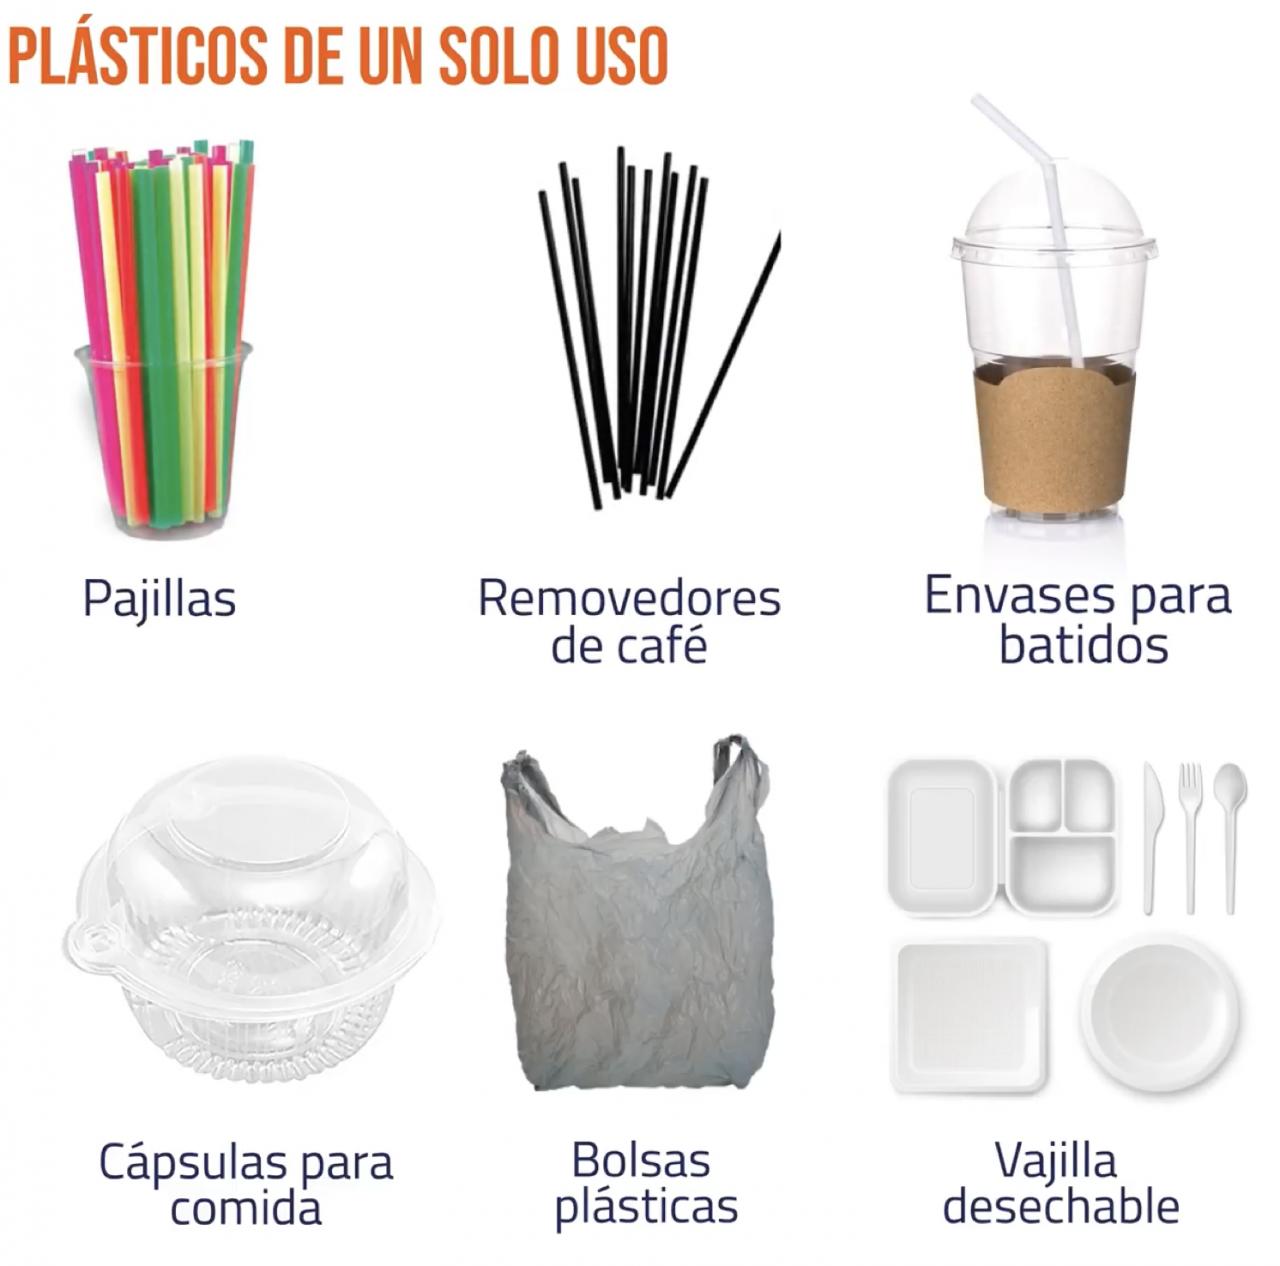 El plástico de un solo uso, con restricciones para su uso en Machu Picchu